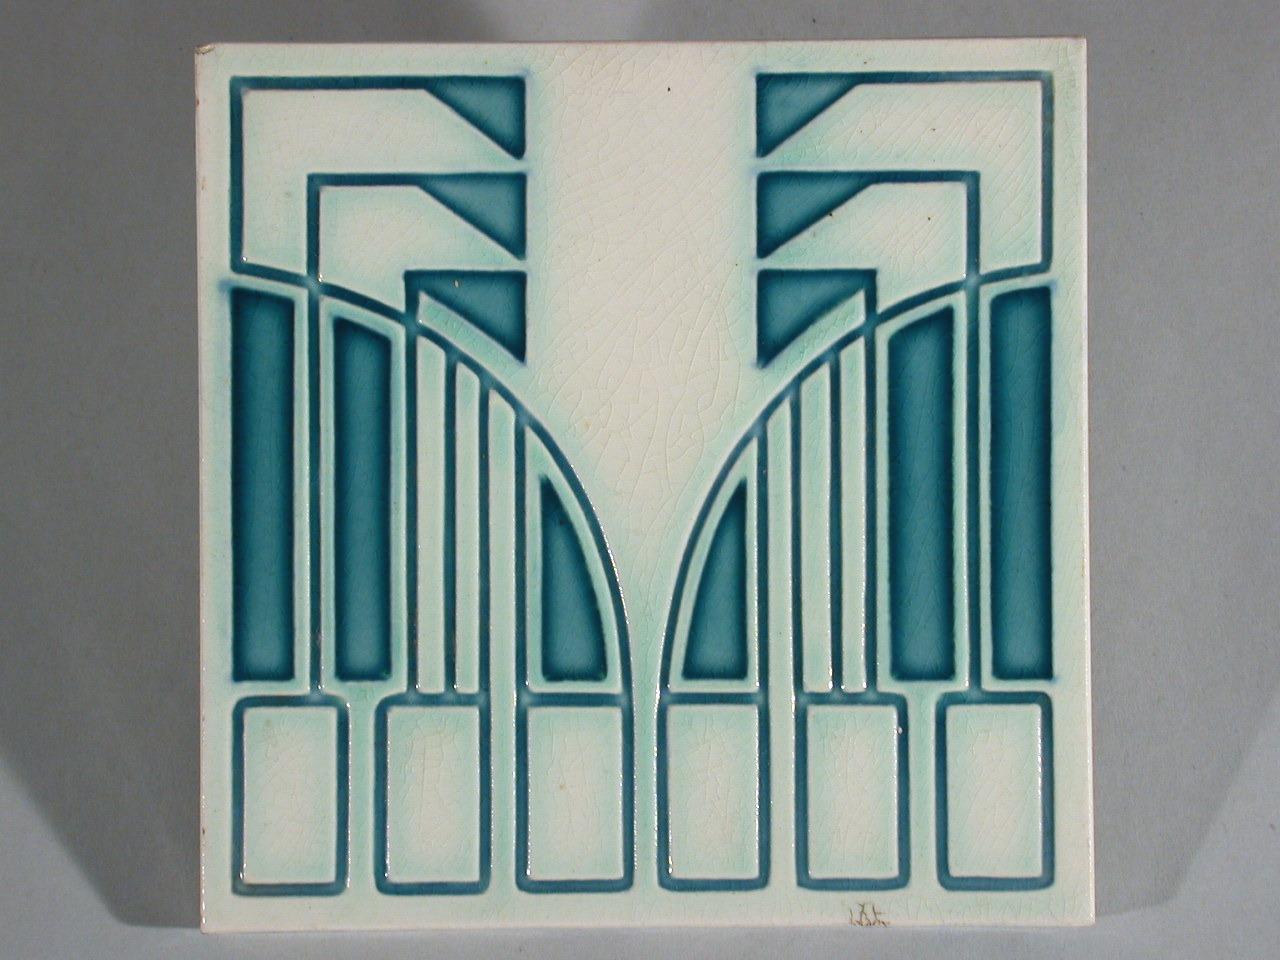 Art nouveau tile mettlach peter behrens - Art deco and art nouveau ...